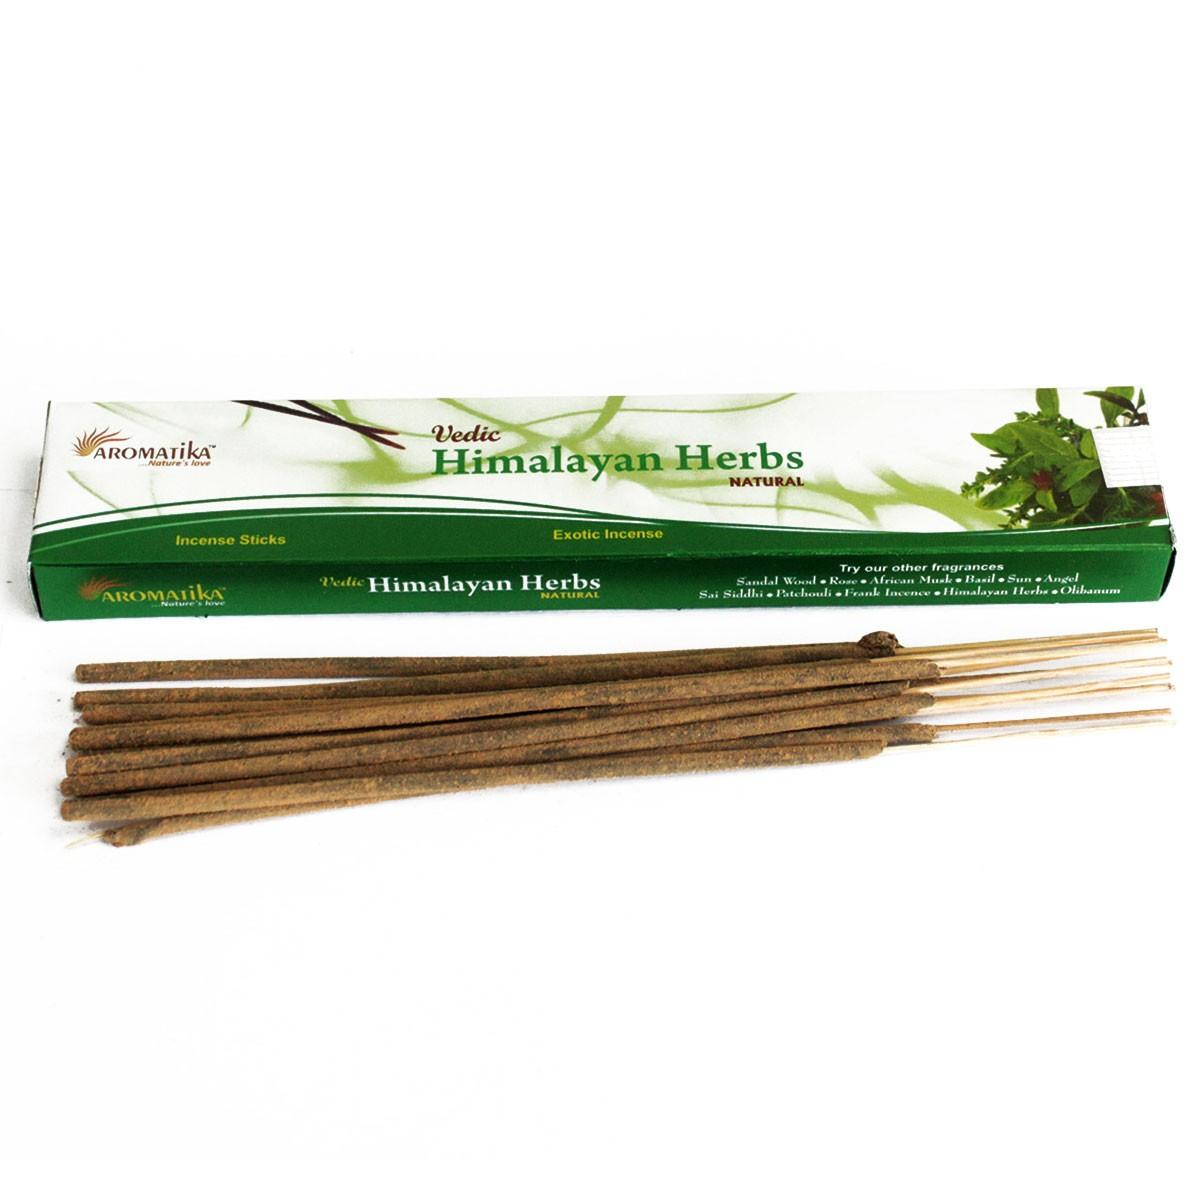 Vedic Incense Sticks Himalayan herbs